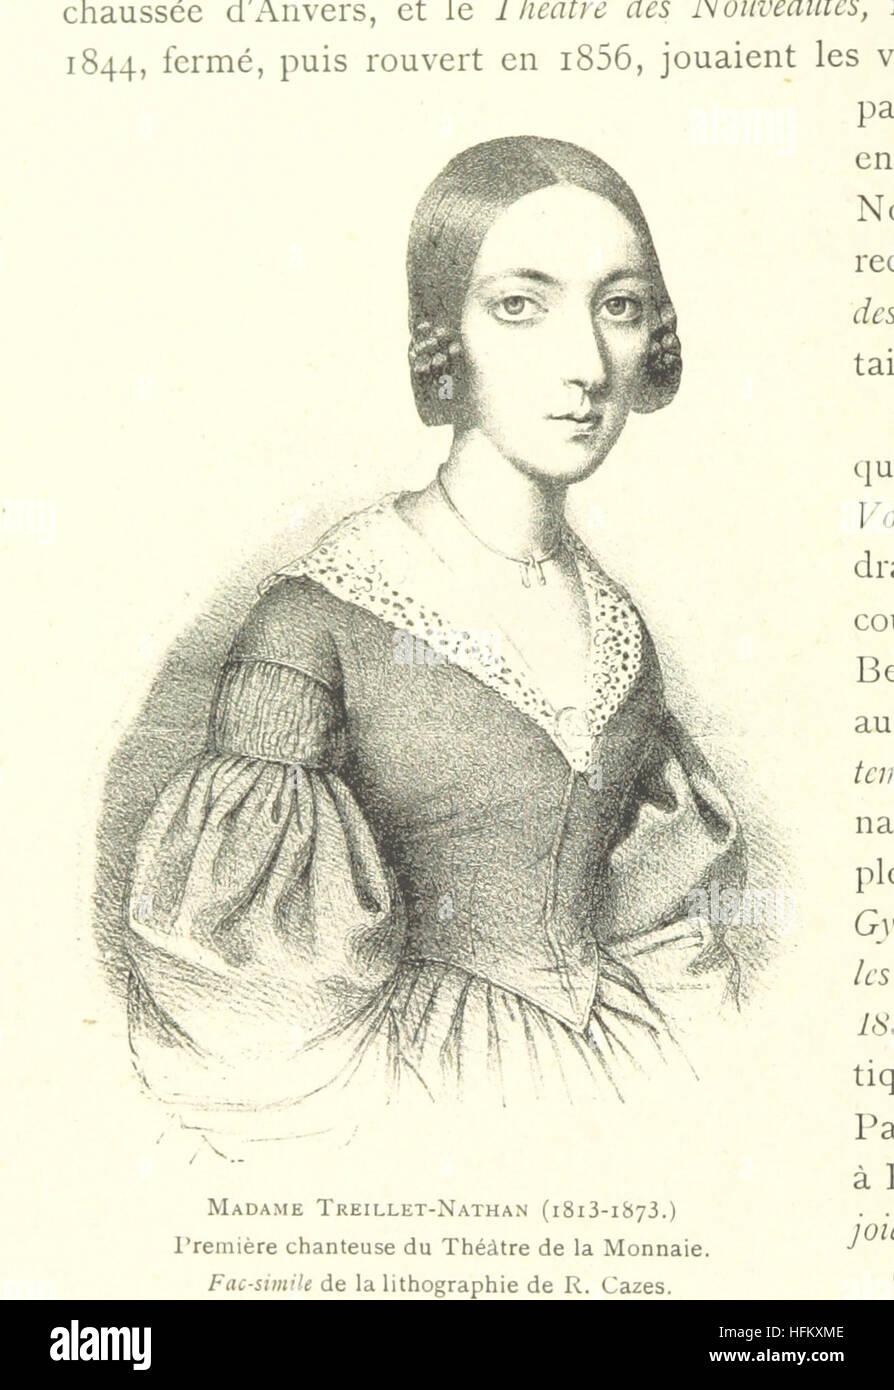 Image taken from page 280 of 'Bruxelles à travers les àges. (Troisième volume ... par H. Hymans, P. Hymans.)' - Stock Image